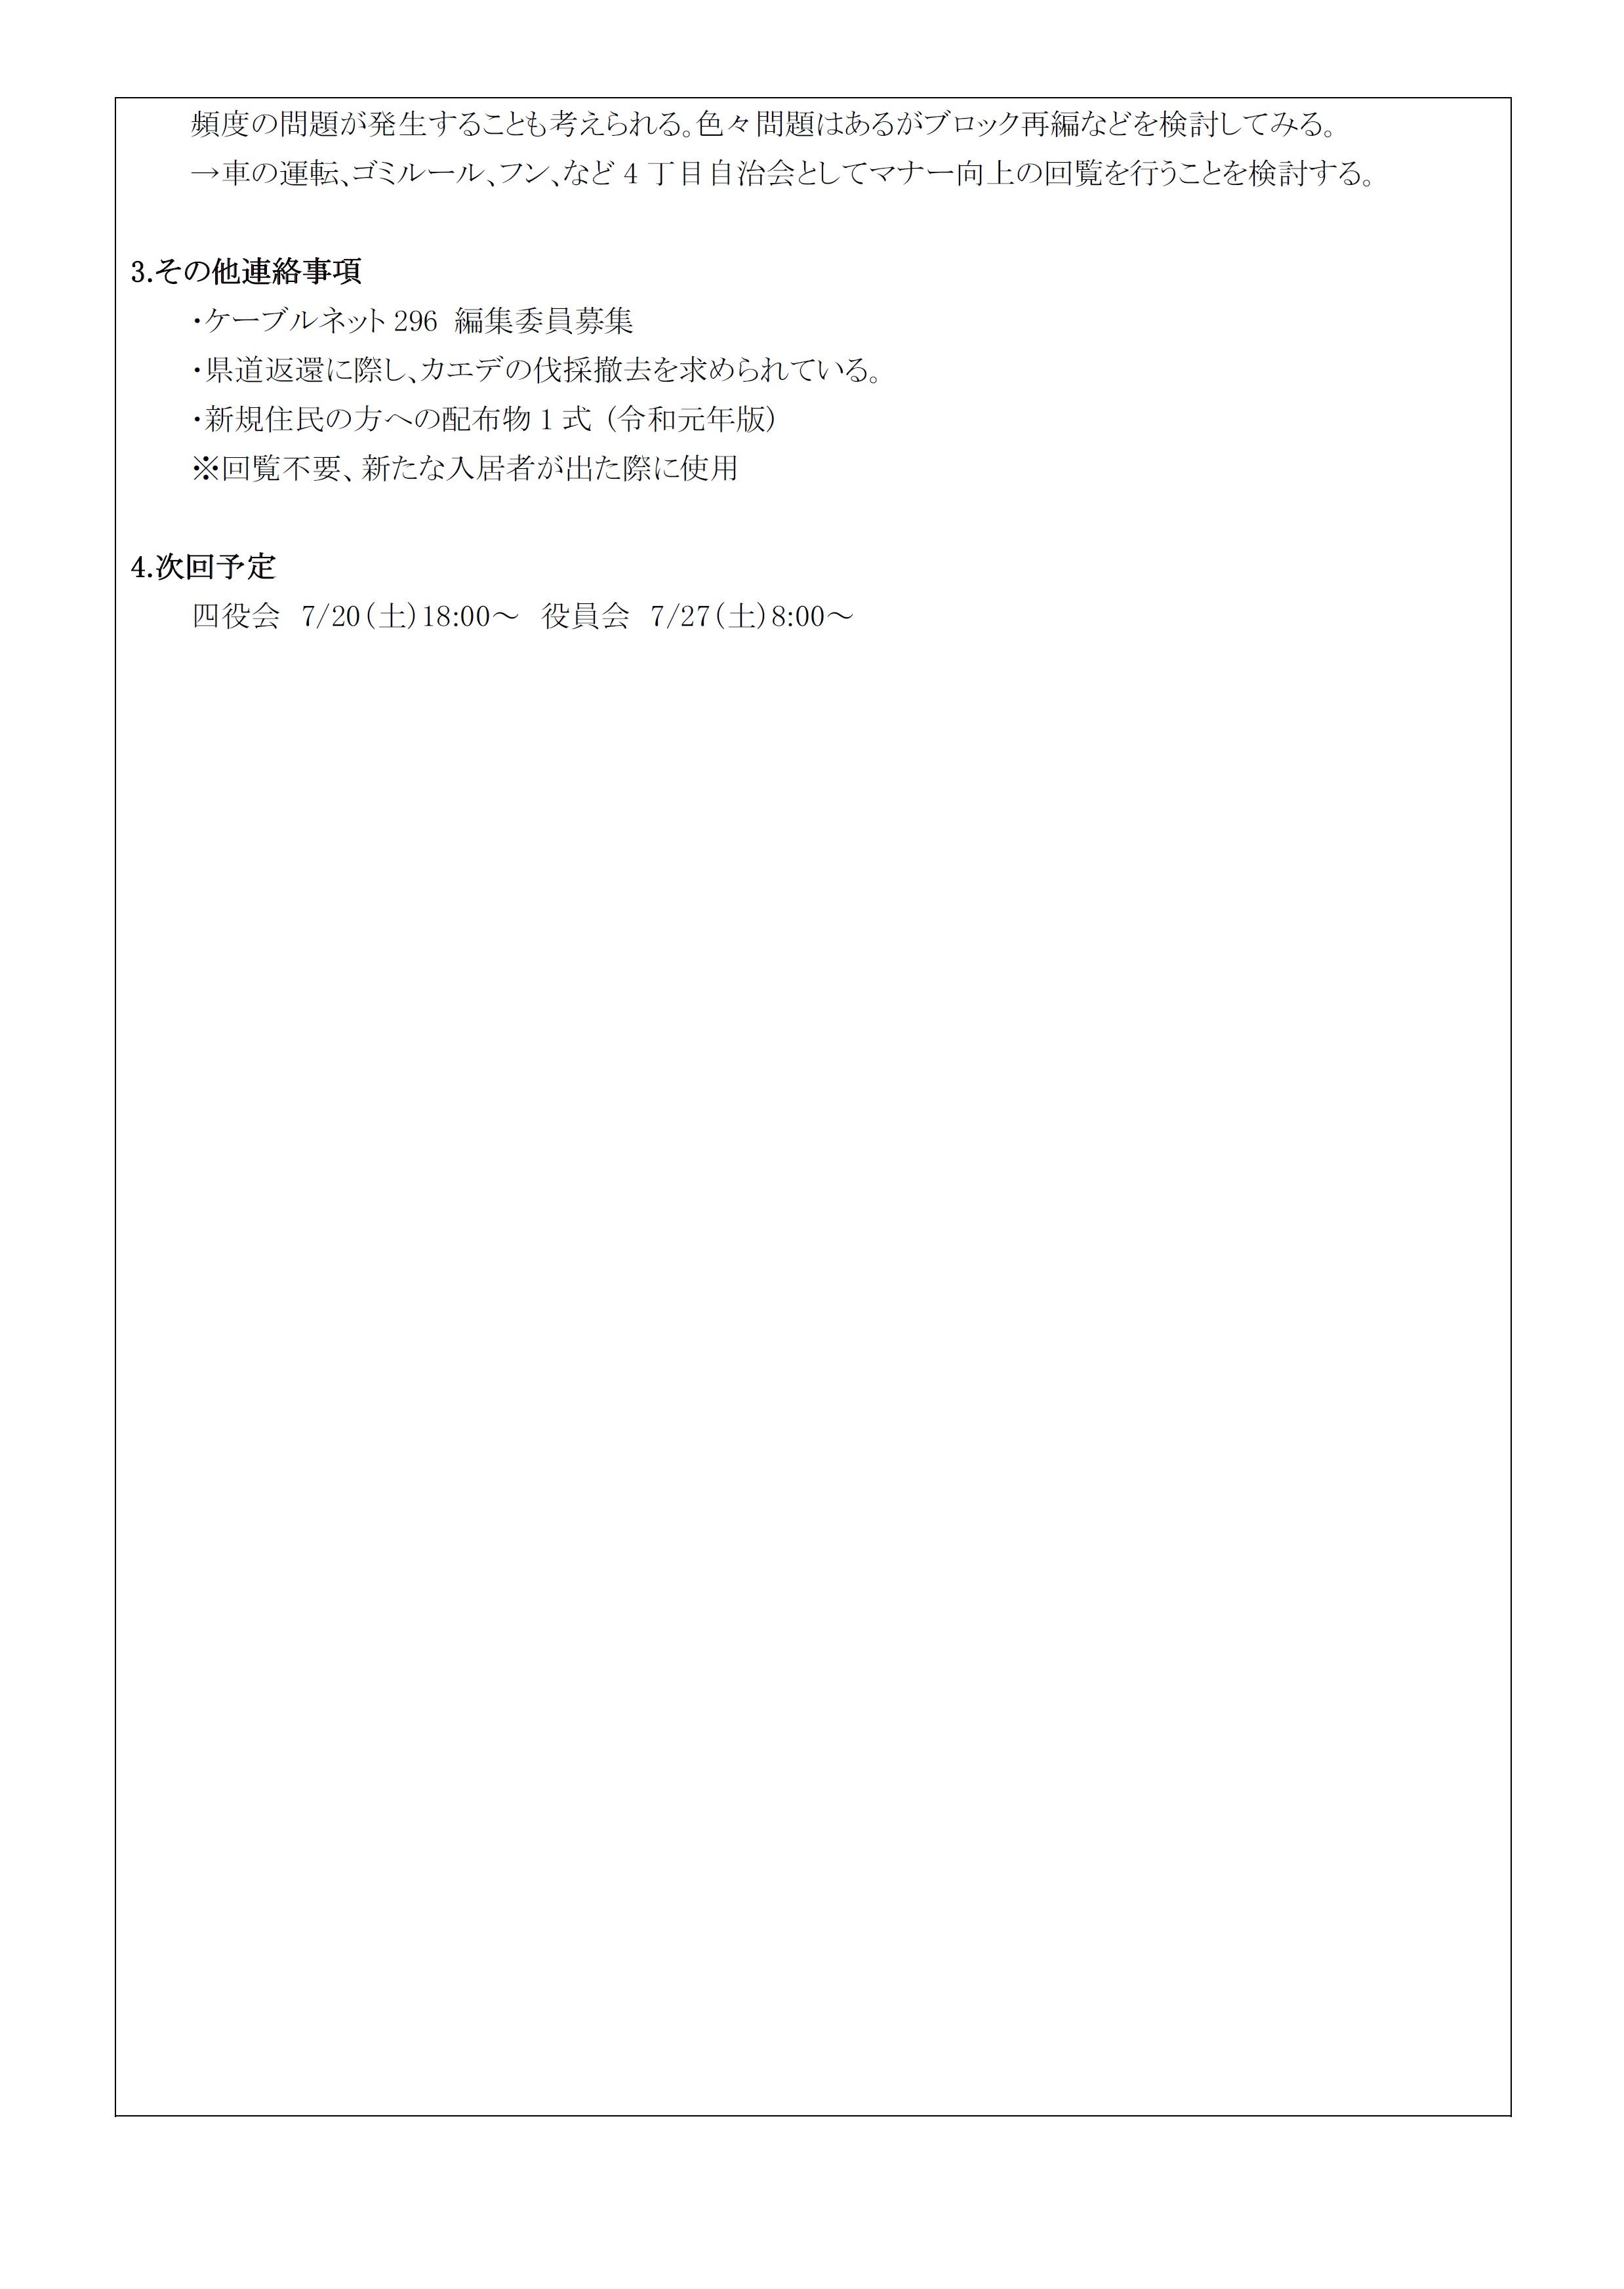 2019第3回役員会議事録P3